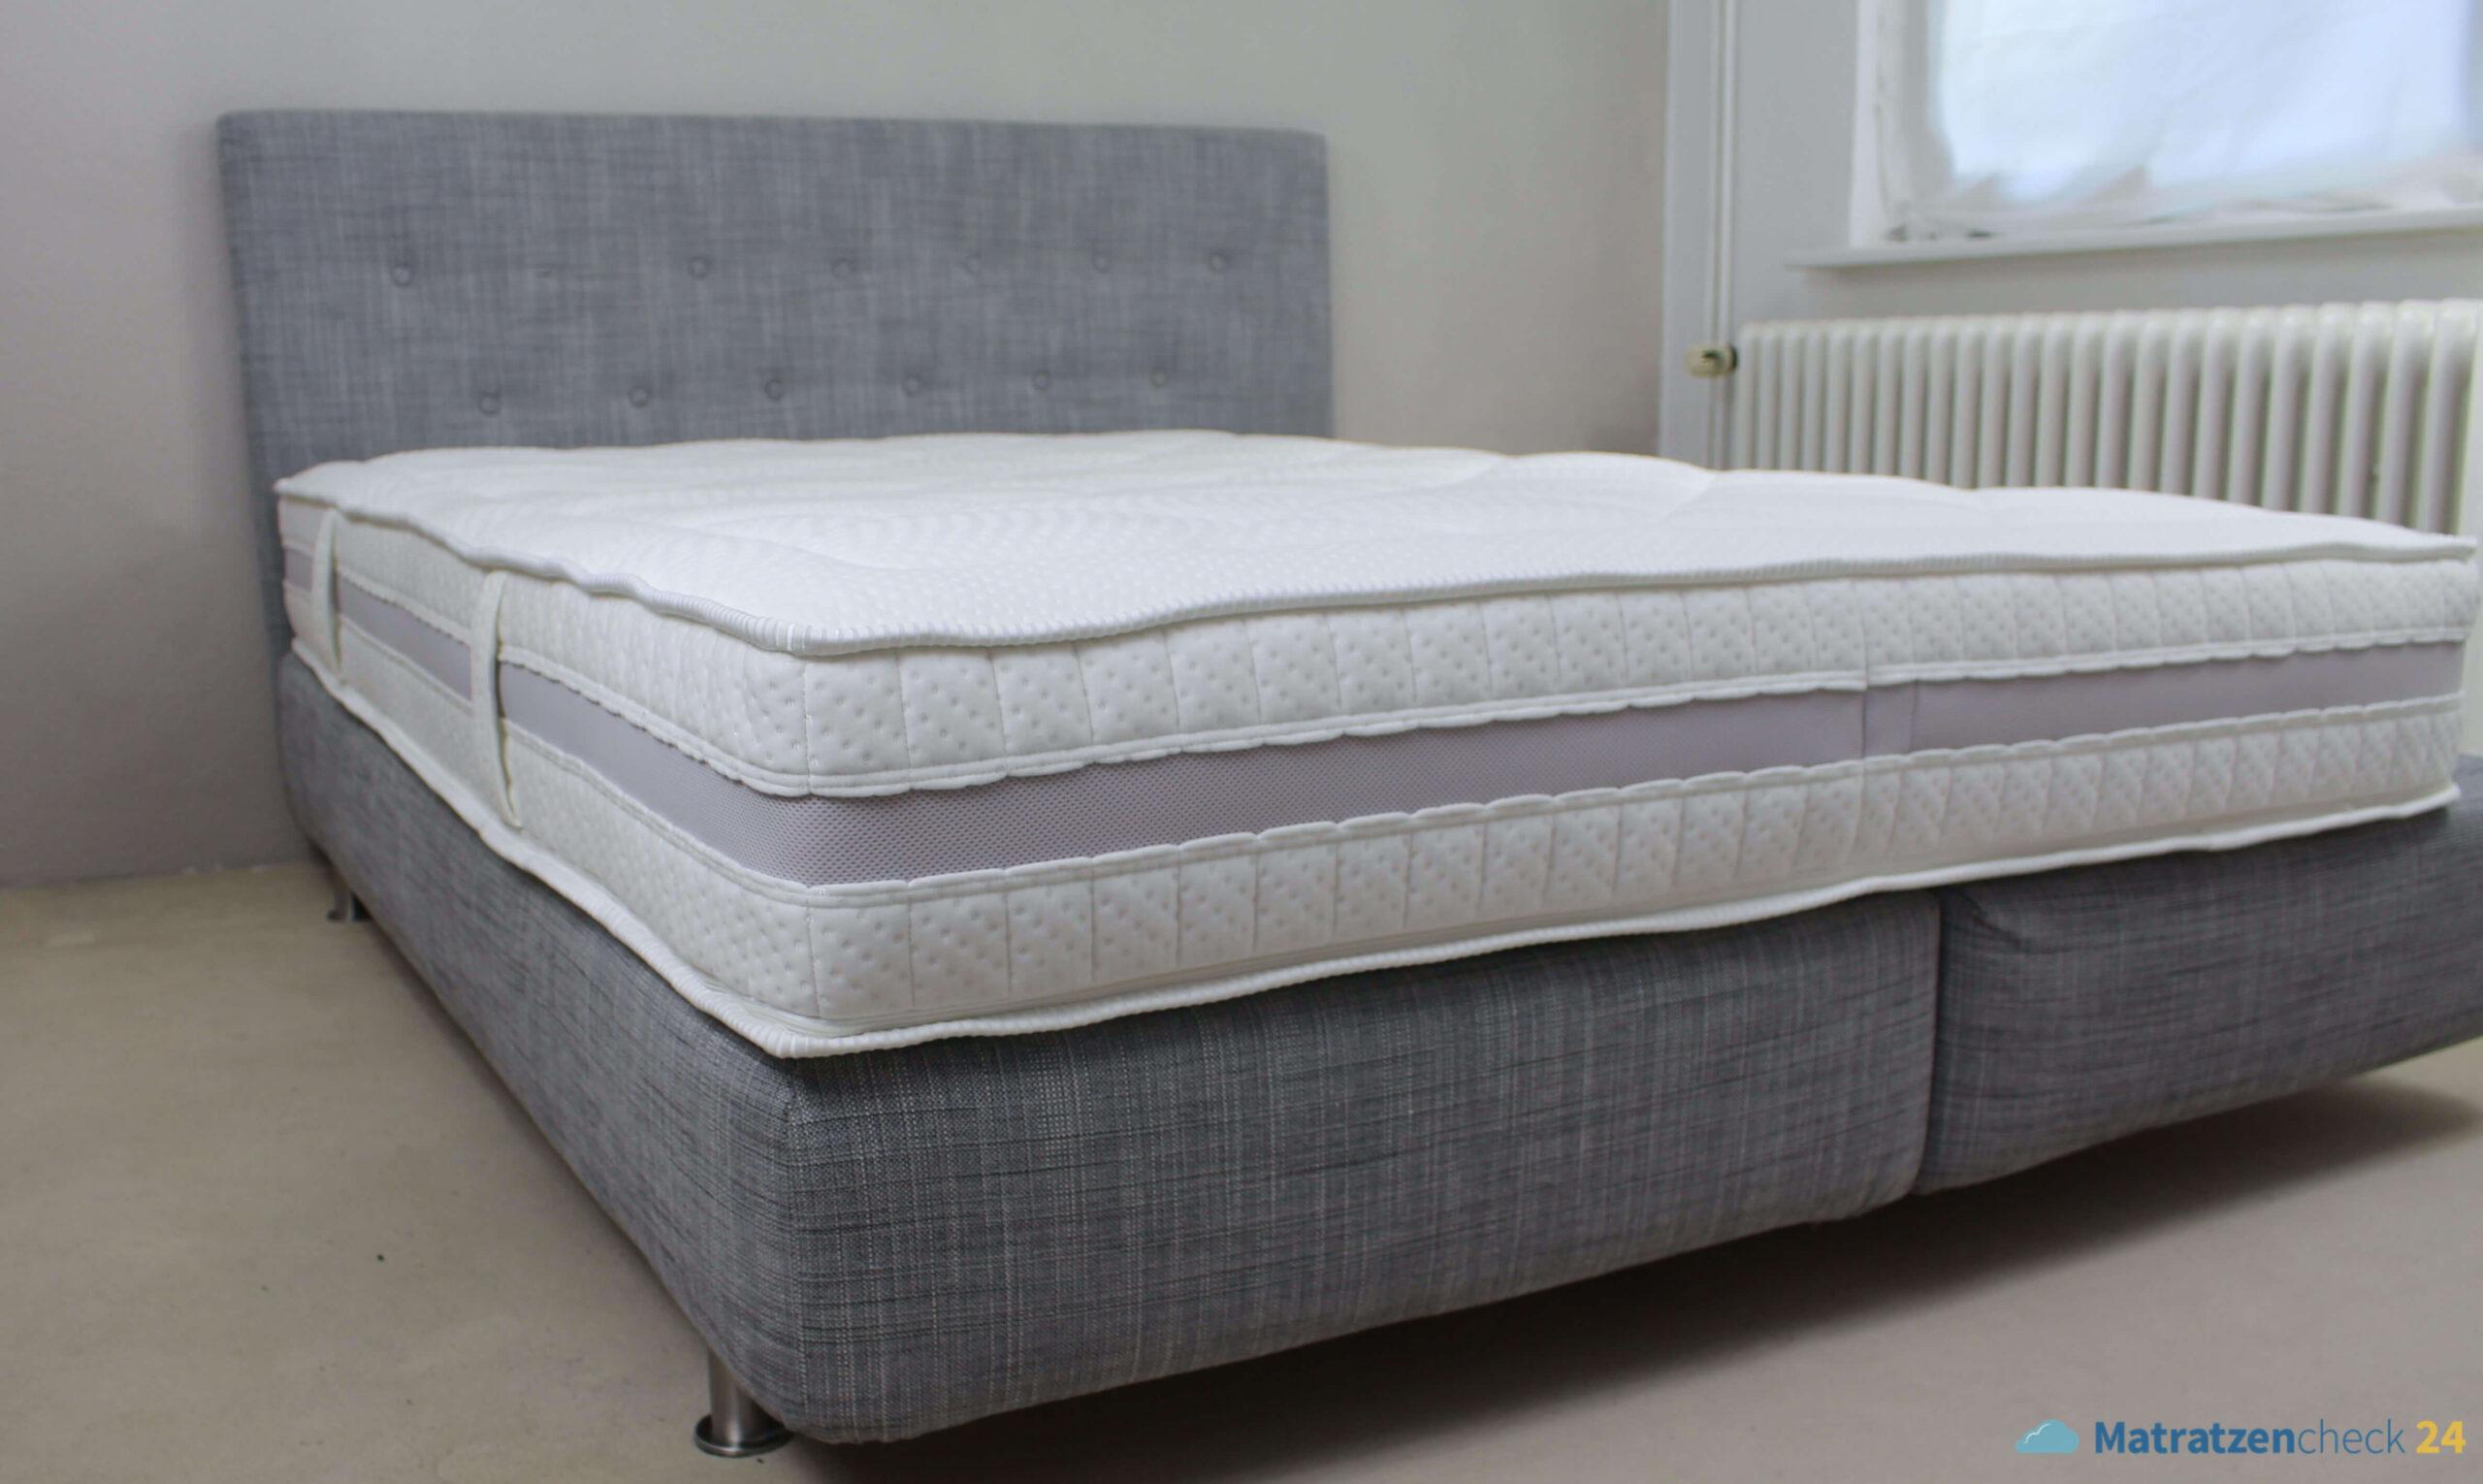 Full Size of Bett Kaufen Günstig Weißes 140x200 Massiv Badewanne Bette 160x200 Französische Betten Mit Gästebett Halbhohes Barock Stauraum Rustikales Balken 180x220 Wohnzimmer Ikea Bett 120x200